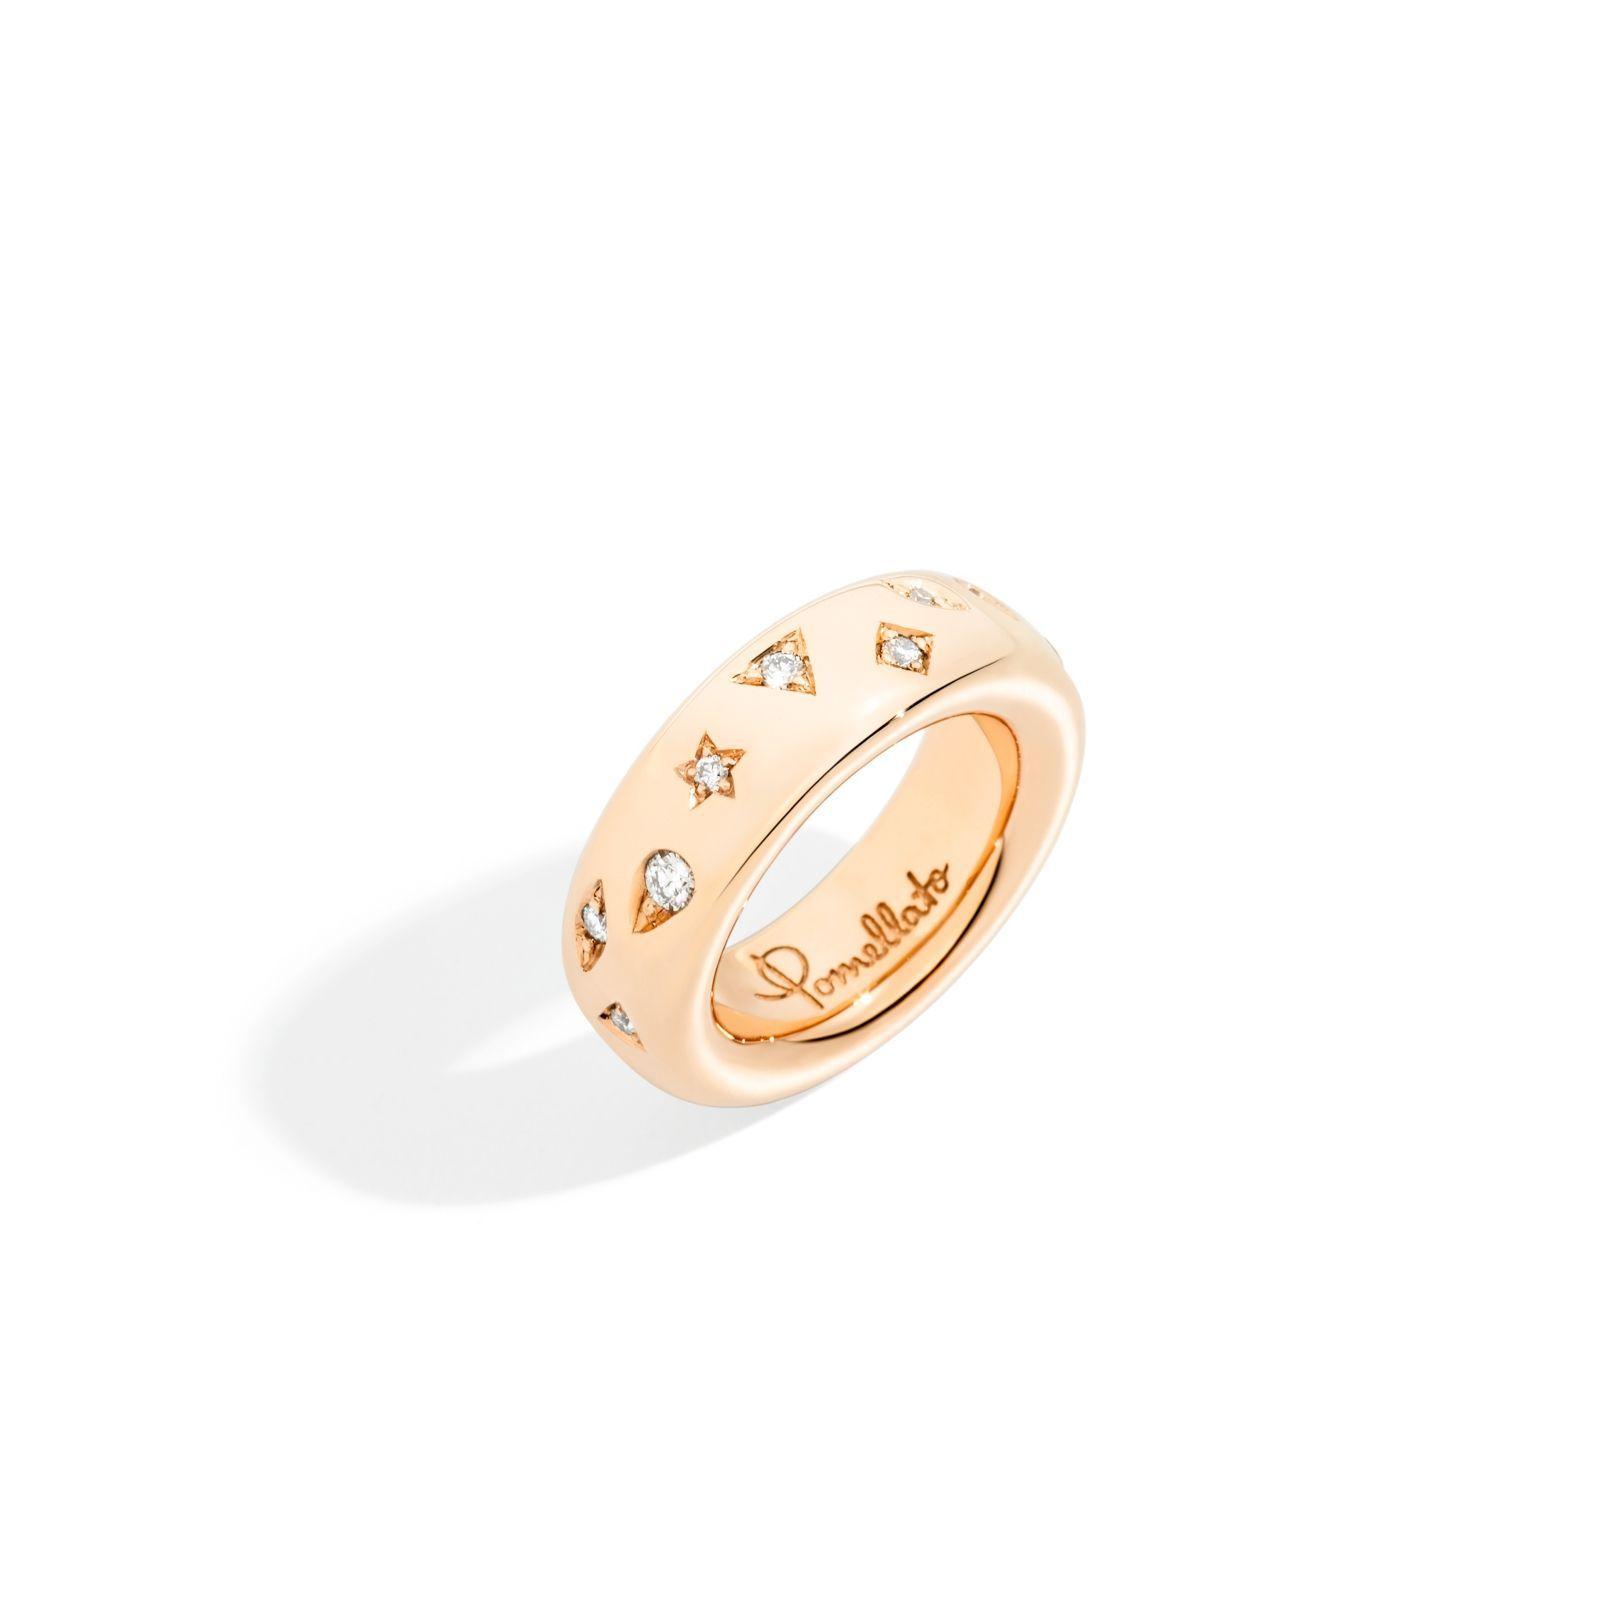 Bague Pomellato Iconica en or rose et diamant vue 1